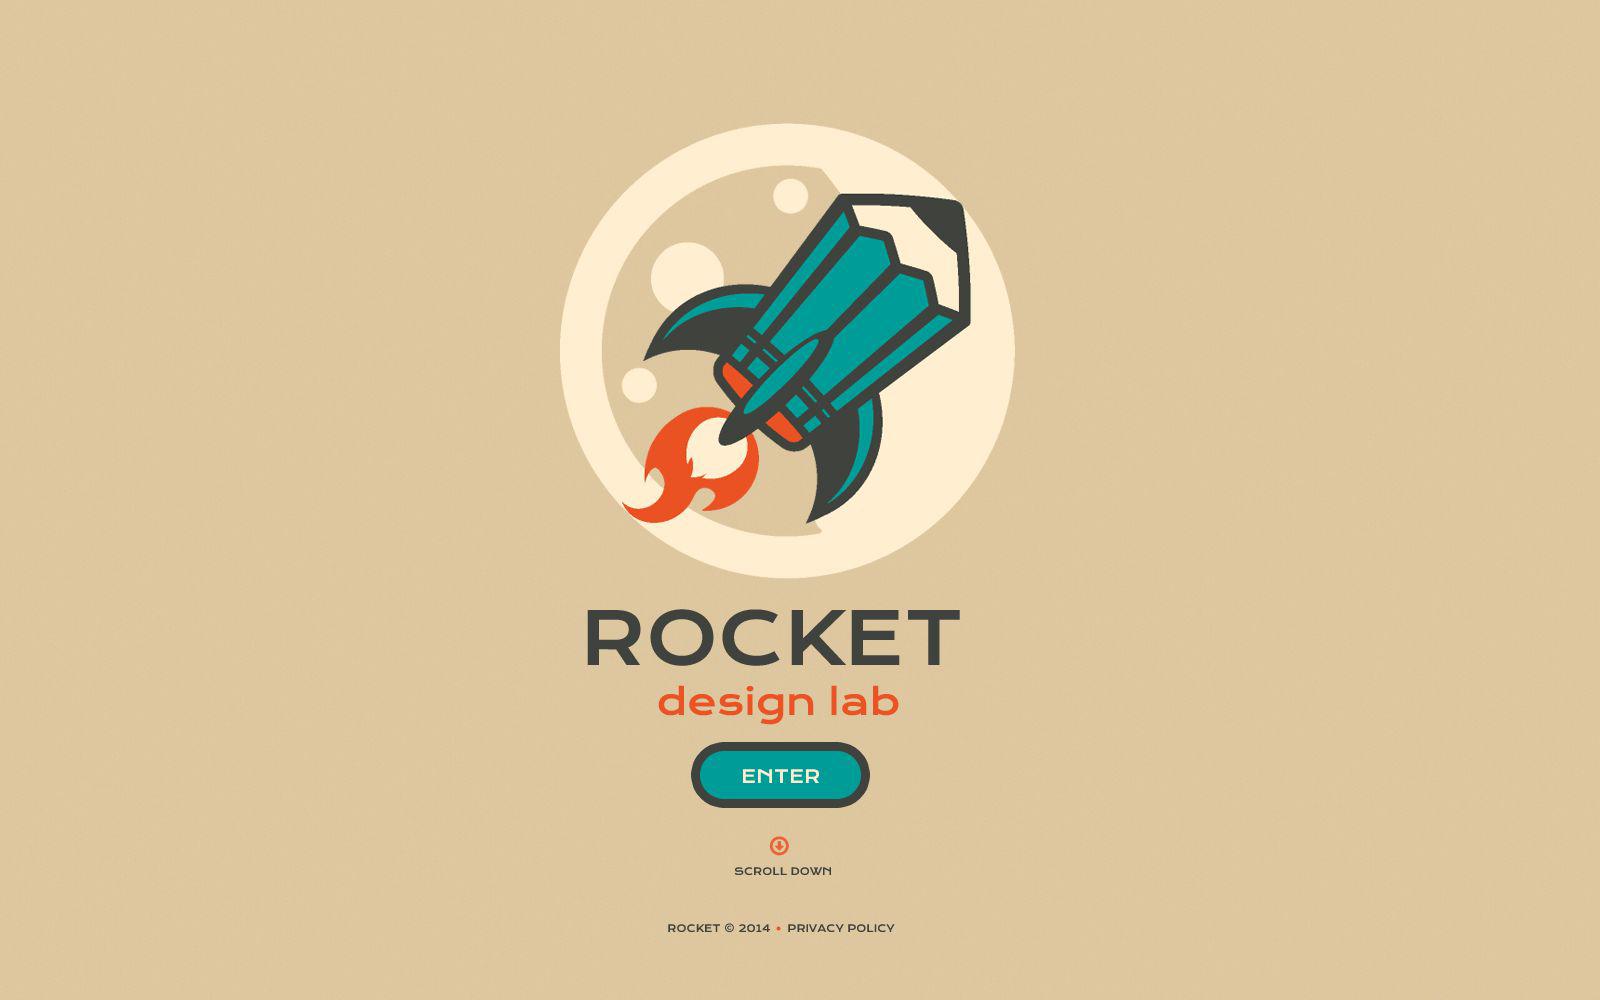 Bootstrap szablon strony www #52071 na temat: studio projektowe